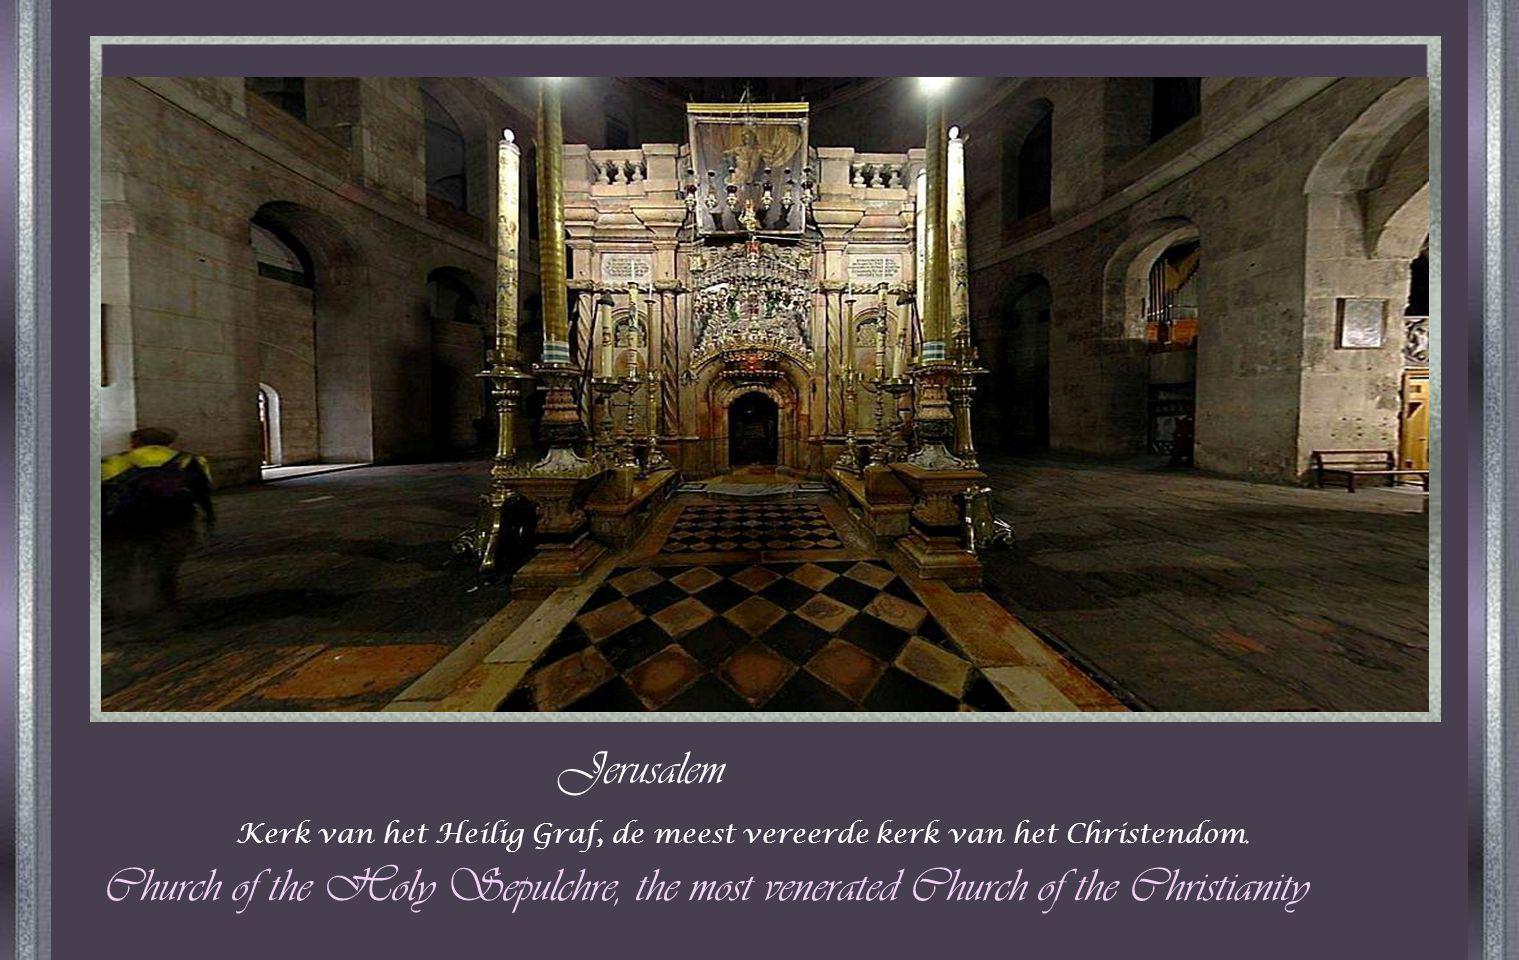 Jerusalem Kerk van het Heilig Graf, de meest vereerde kerk van het Christendom.